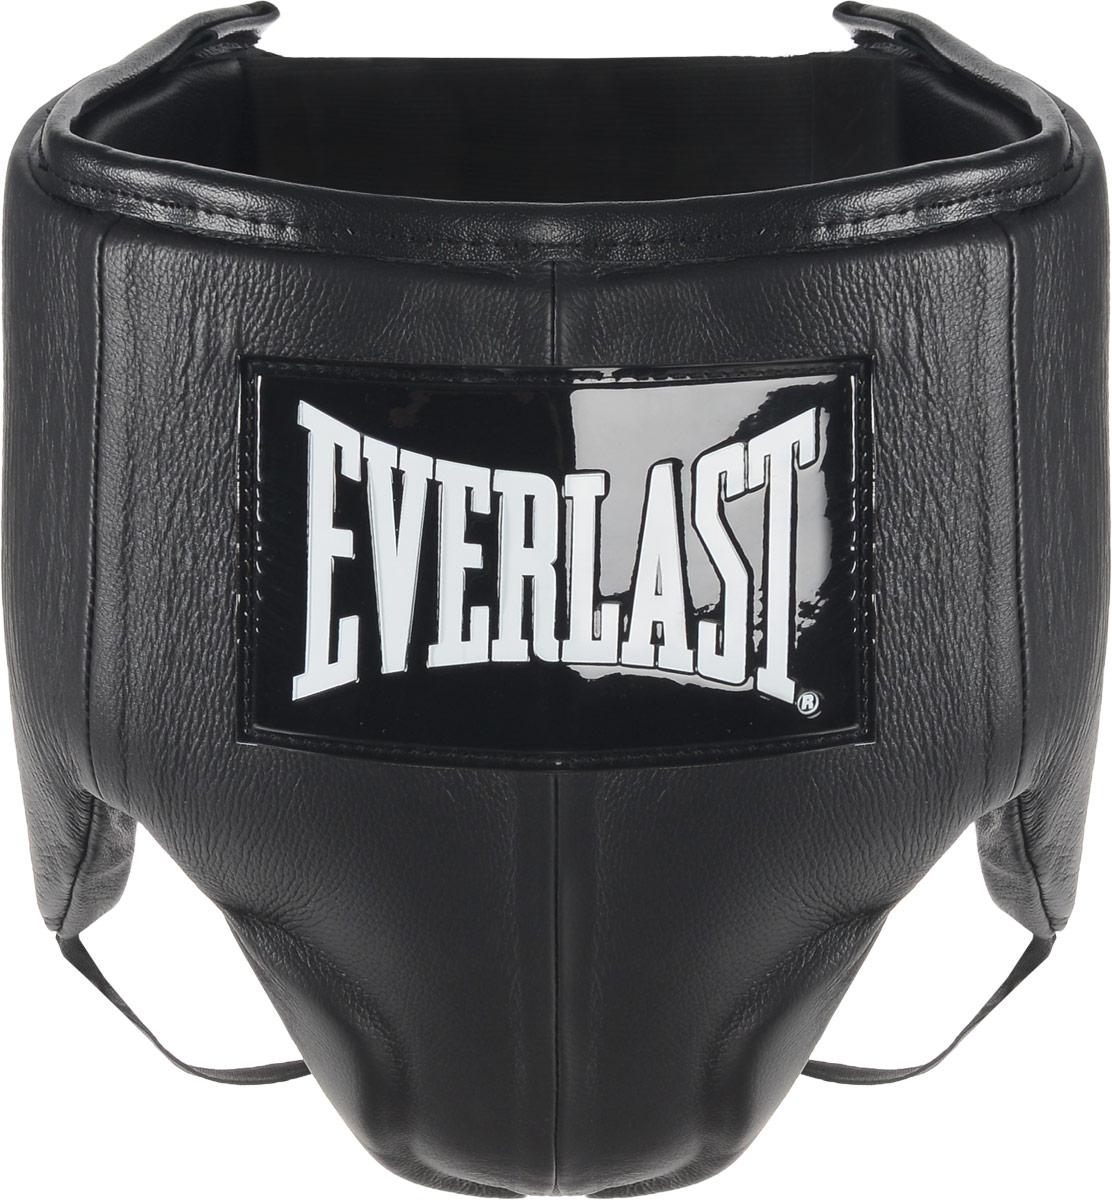 Защита паха мужская Everlast Velcro Top Pro, цвет: черный, белый. Размер M440201UEverlast Velcro Top Pro это удобный обтягивающий бандаж, идеально подходящий как для тренировочных спаррингов, так и для боя на ринге. Бандаж изготовлен из высококачественной натуральной кожи, а подкладка набита пенным наполнителем высокой плотности, благодаря чему достигается превосходная амортизация ударов. Усовершенствованный облегченный дизайн обеспечивает максимальную подвижность и комфорт, в то же время гарантируя безопасность и полную защиту паха и тазовой области. Удобные застежки на липучке позволят подогнать защиту под ваш размер и плотно зафиксировать ее на теле. Максимальный обхват: 103 см. Минимальный обхват: 93 см.